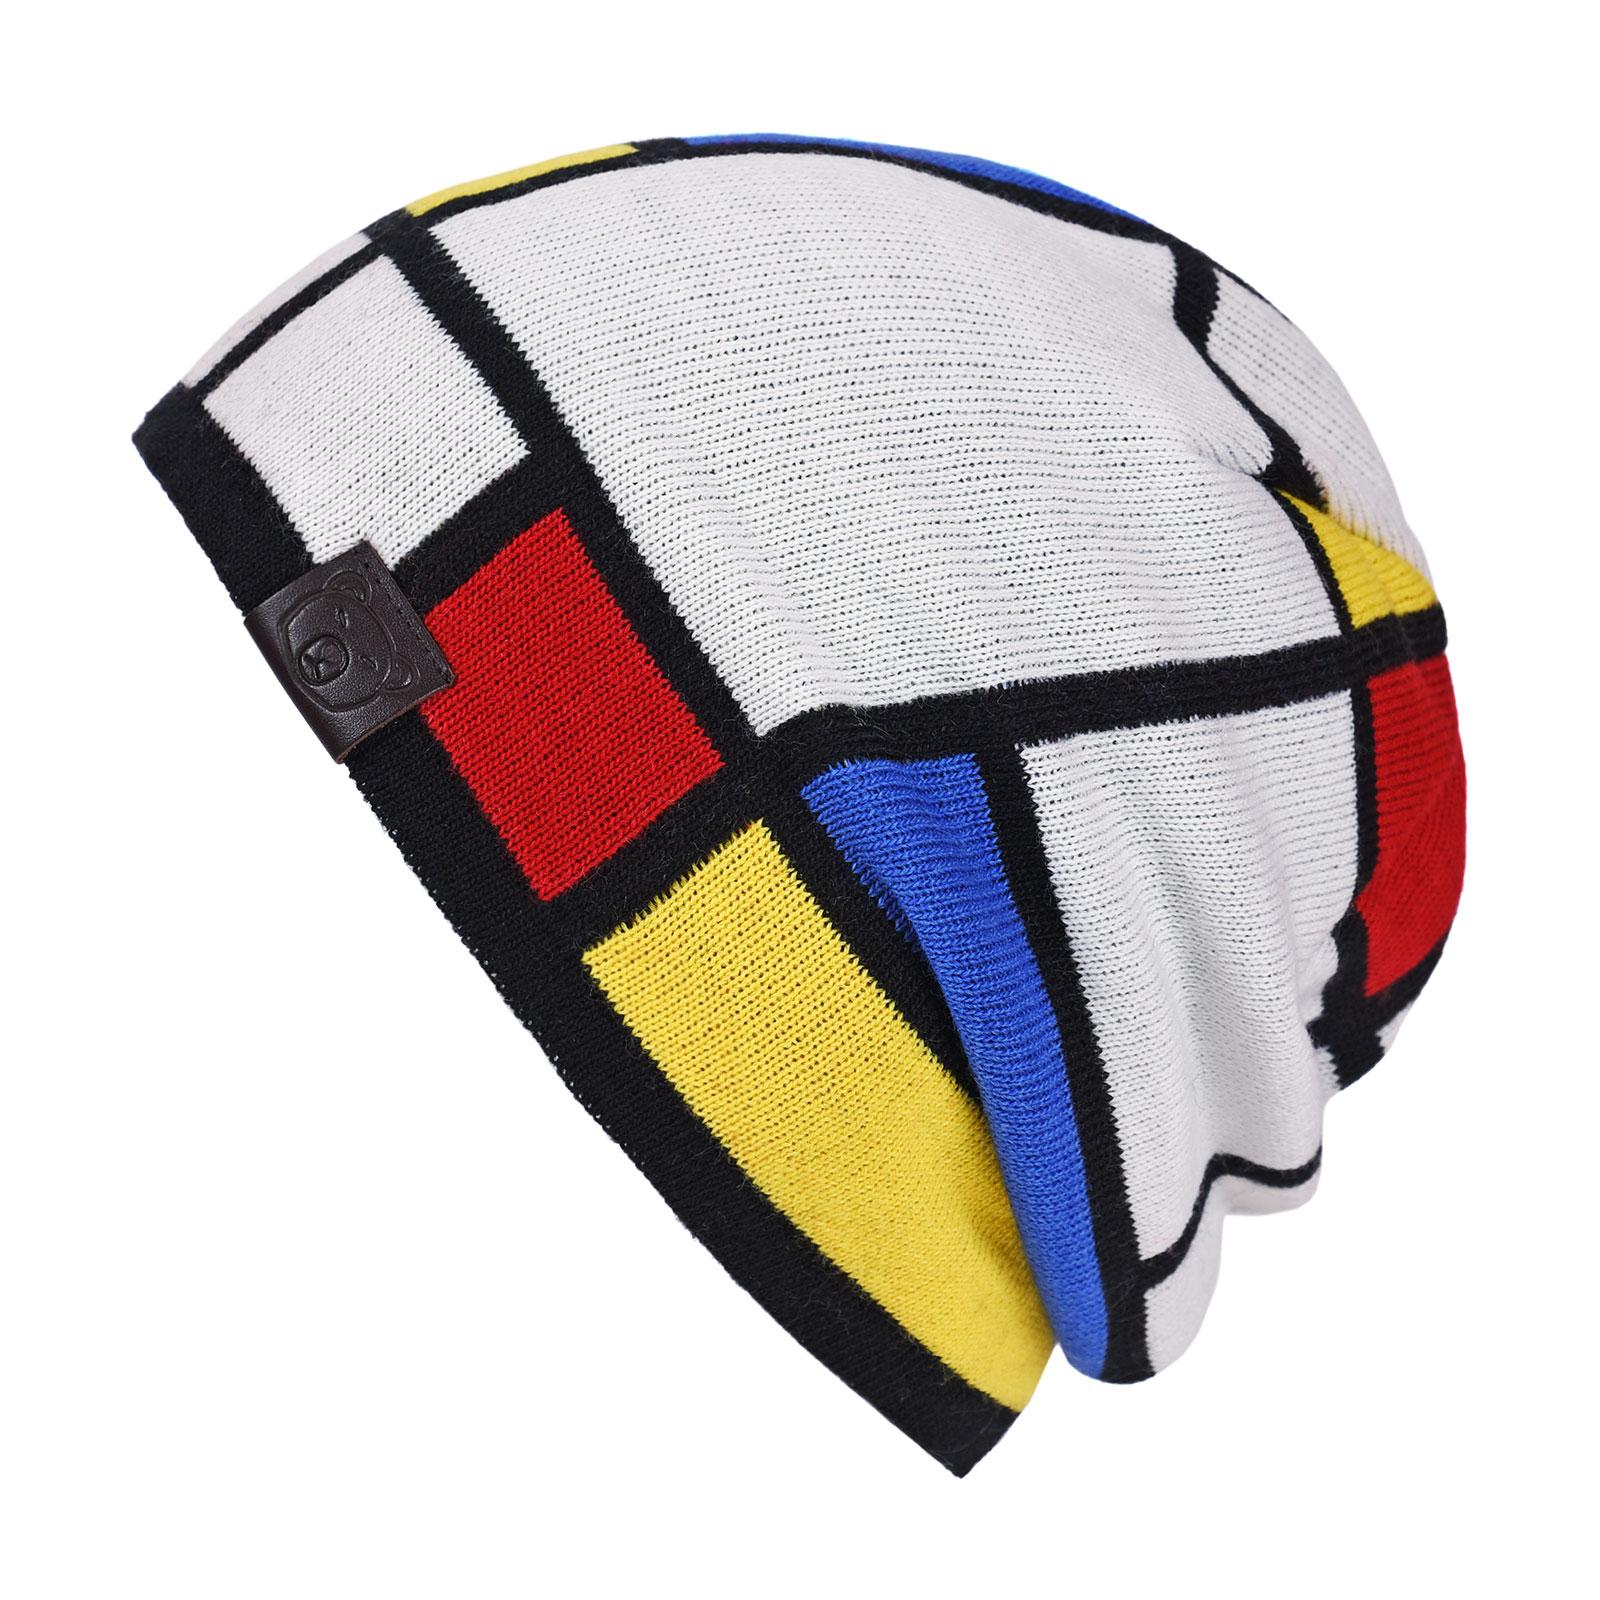 CP-01039-GH16-bonnet-patchwork-bleu-blanc-rouge